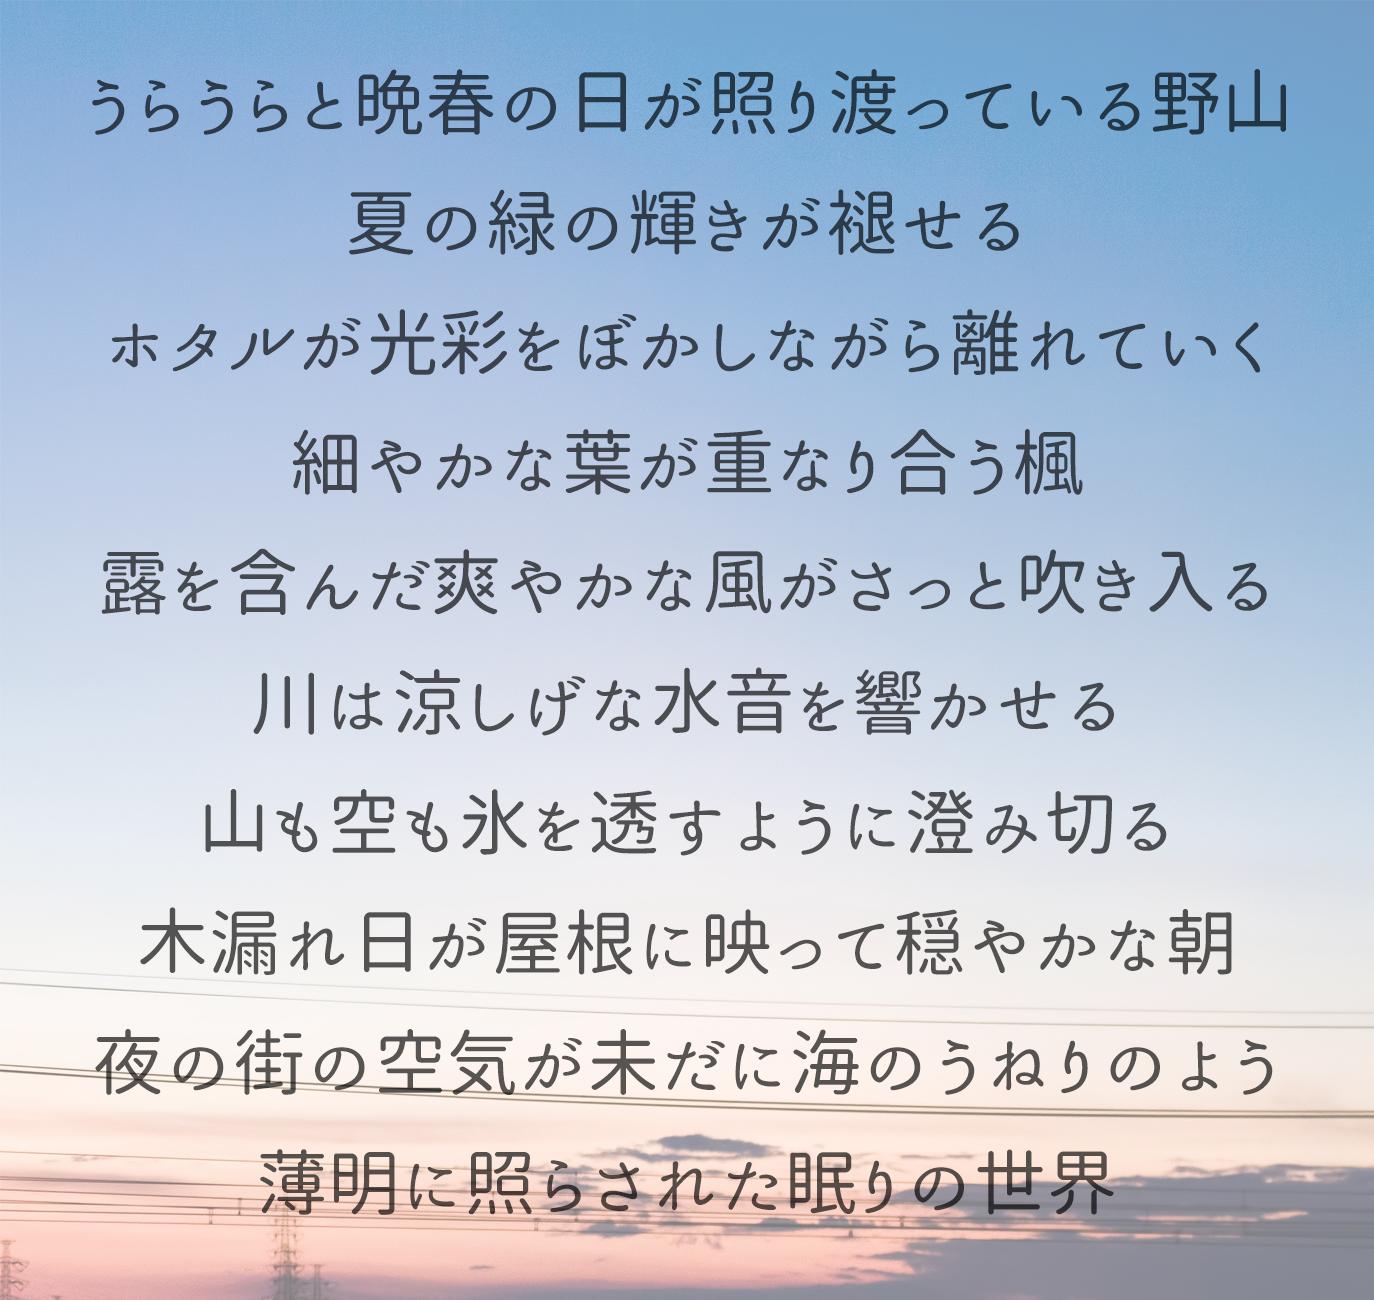 ほのか丸ゴシック : 登録不要で自由に使える! 商用可、加工可の日本語